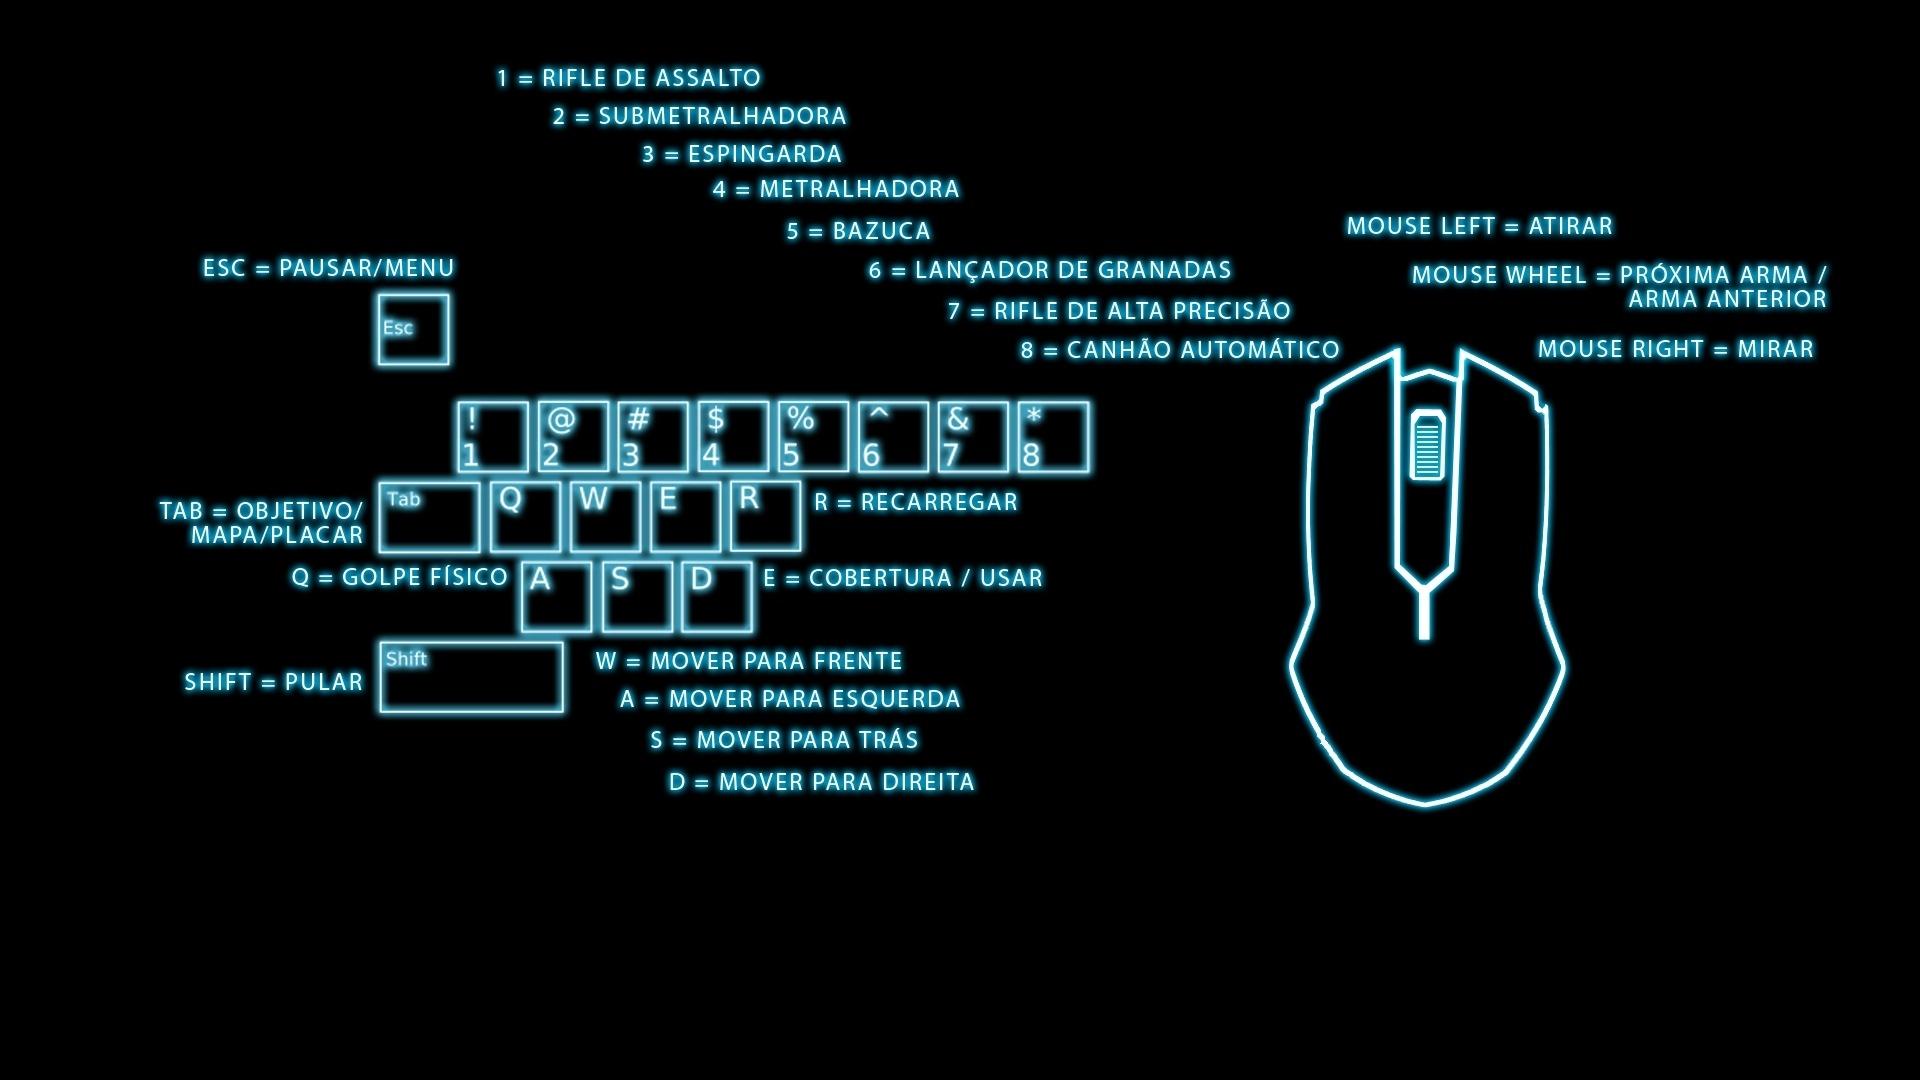 壁紙 キーボードとマウス デジタル 1920x1080 Full Hd 2k 無料の